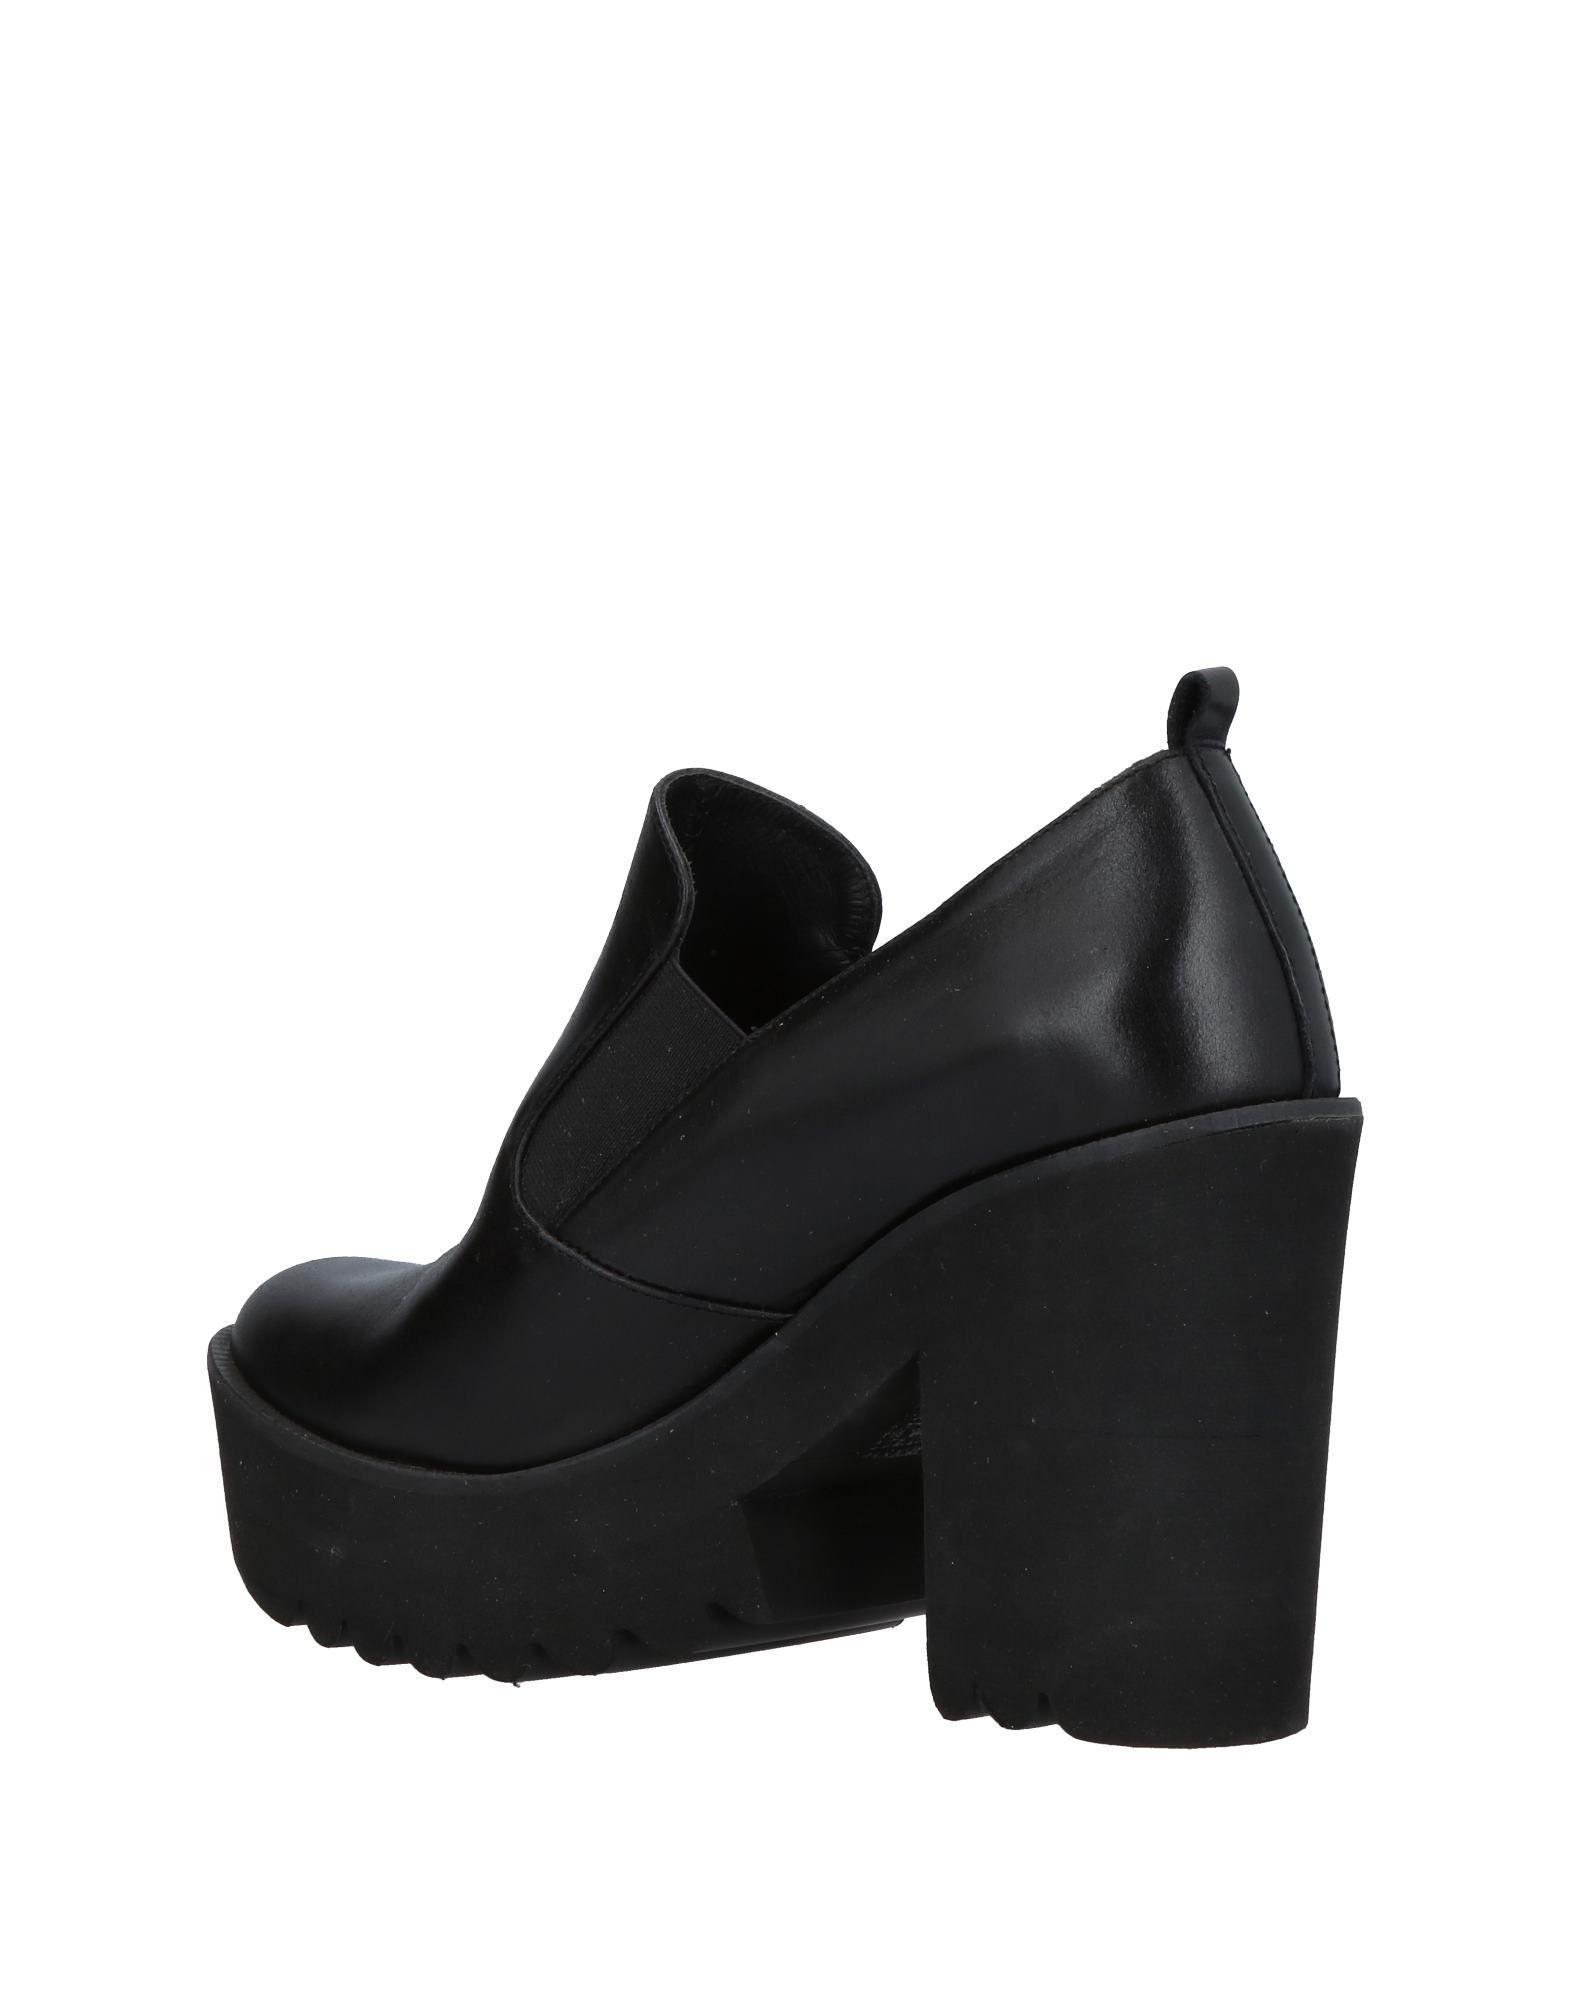 Palomitas By Paloma Barceló Mokassins Damen  11384622GL Gute Gute Gute Qualität beliebte Schuhe 2f6fc0